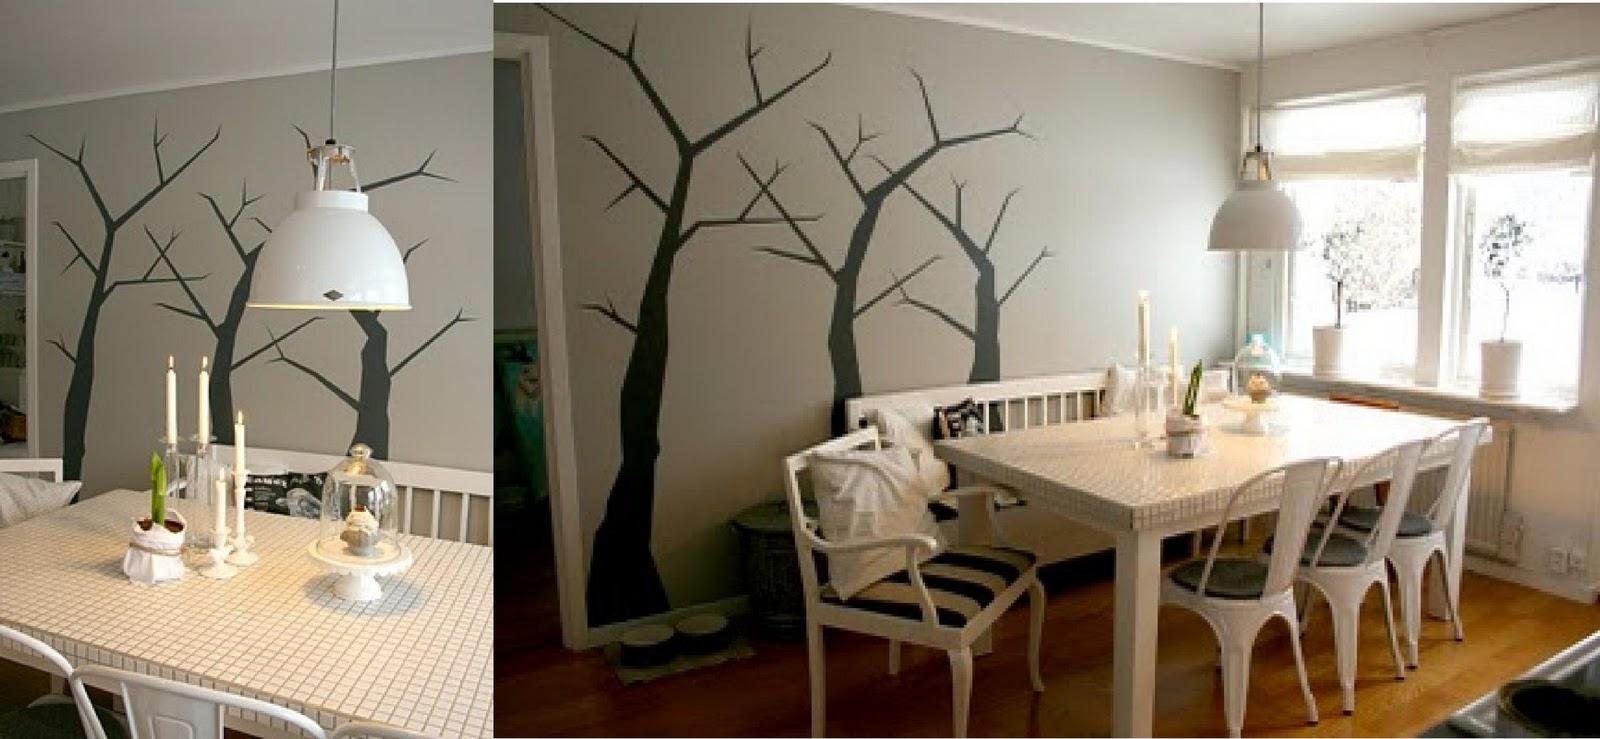 C mo pintar un rbol en la pared - Como pintar las paredes ...